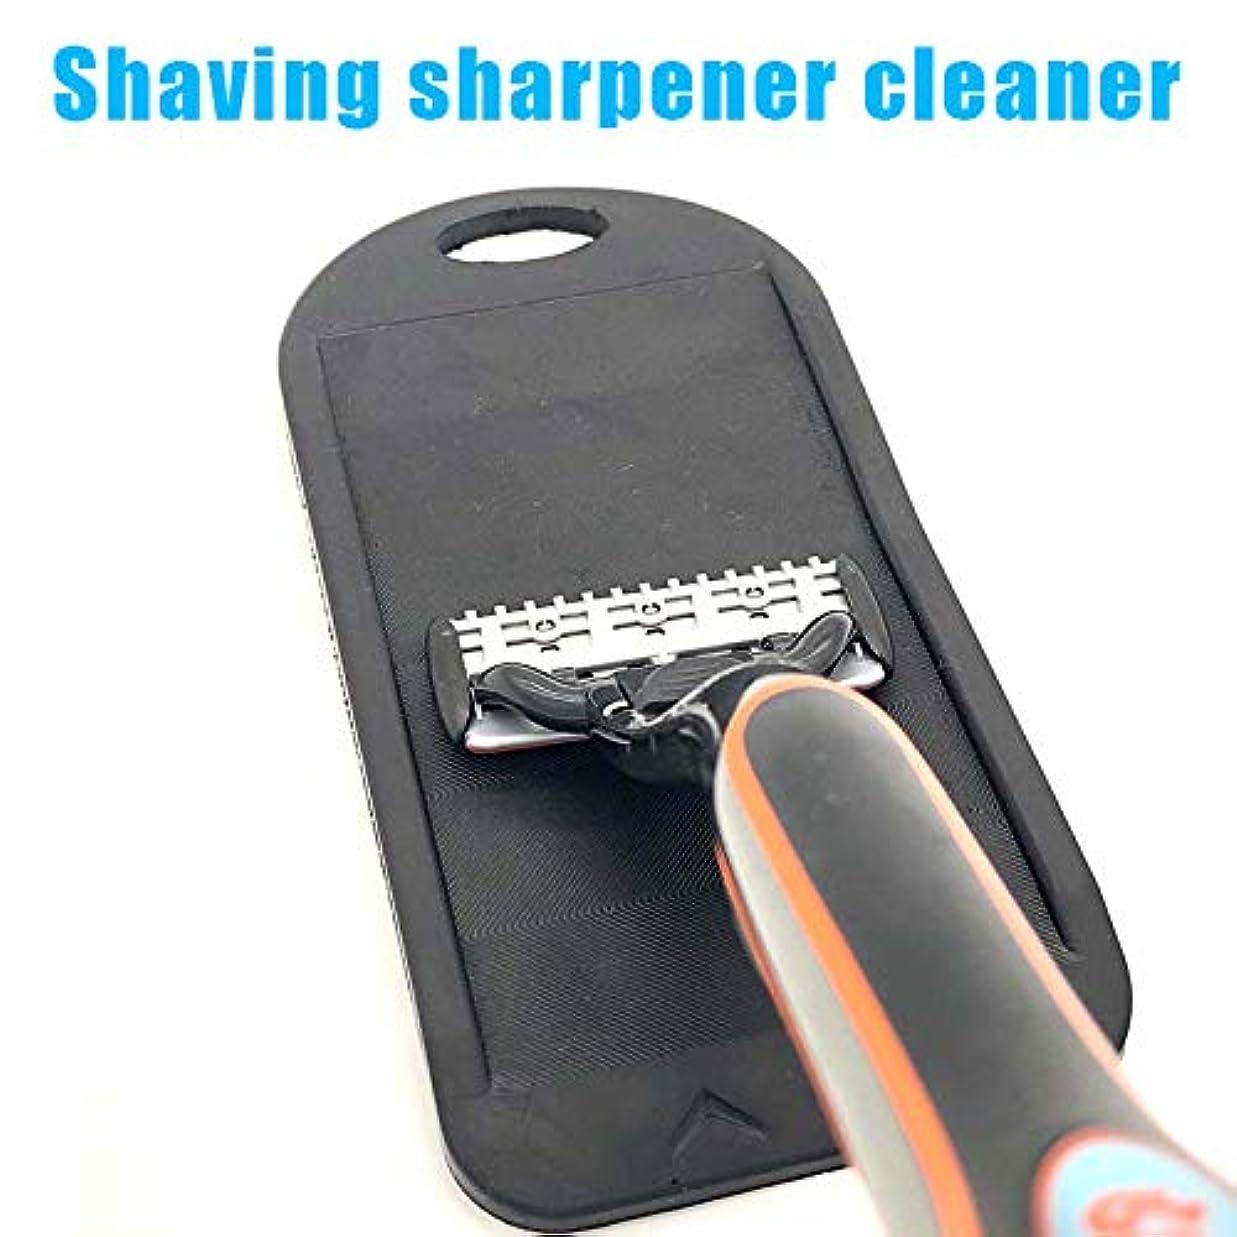 田舎スーパーマーケットアラブサラボSweetiChic シェービングクリーナー シェーバークリーナー 剃刀の刃 削り器 男と女 女性、男性、時間、ギフト用